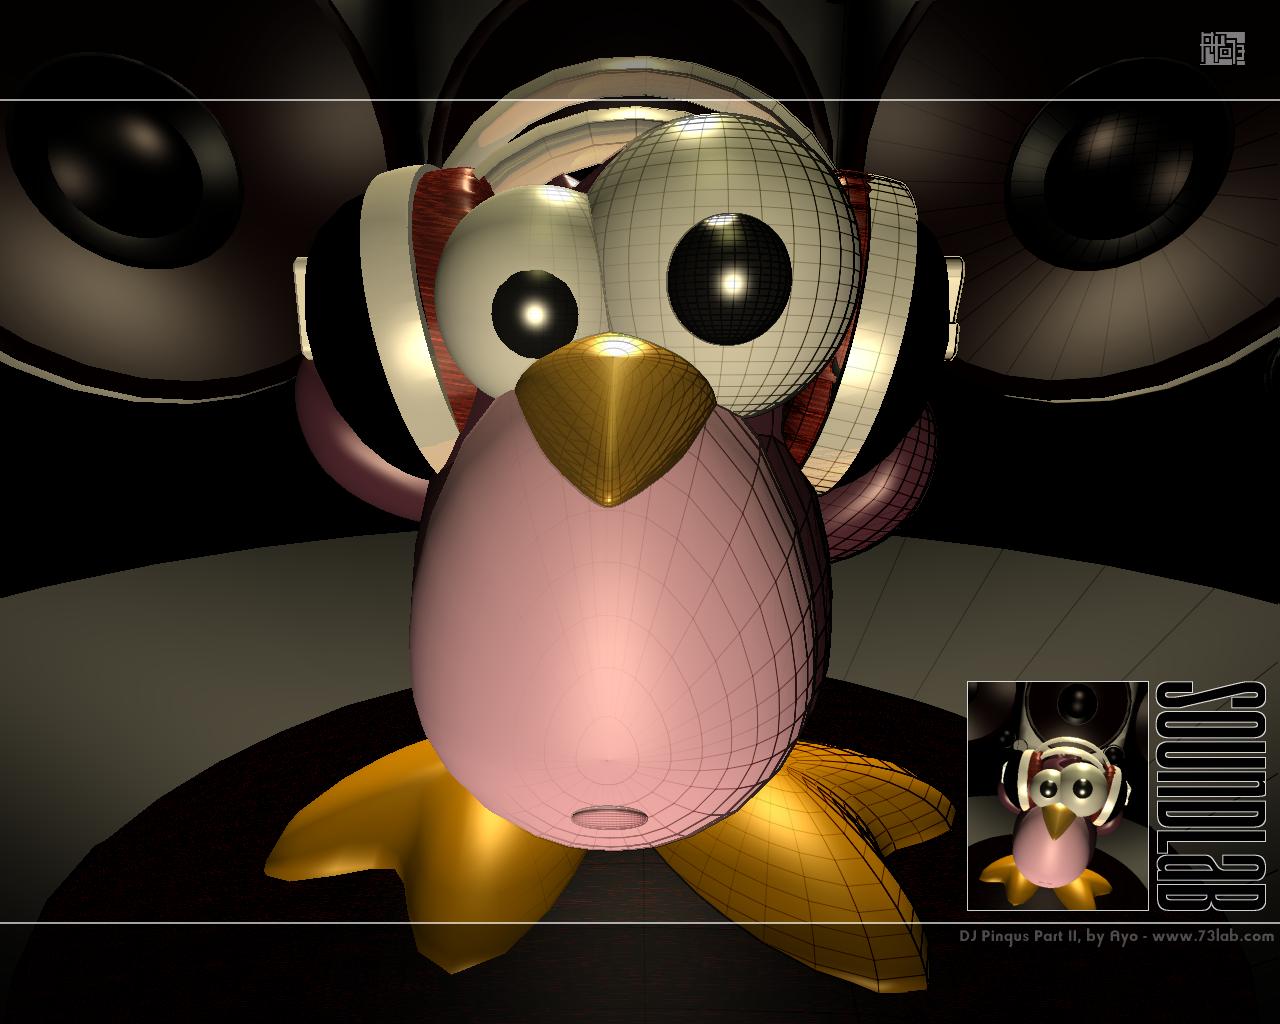 Ests aqu Inicio Animacin Pingino Pink Linux 1280x1024